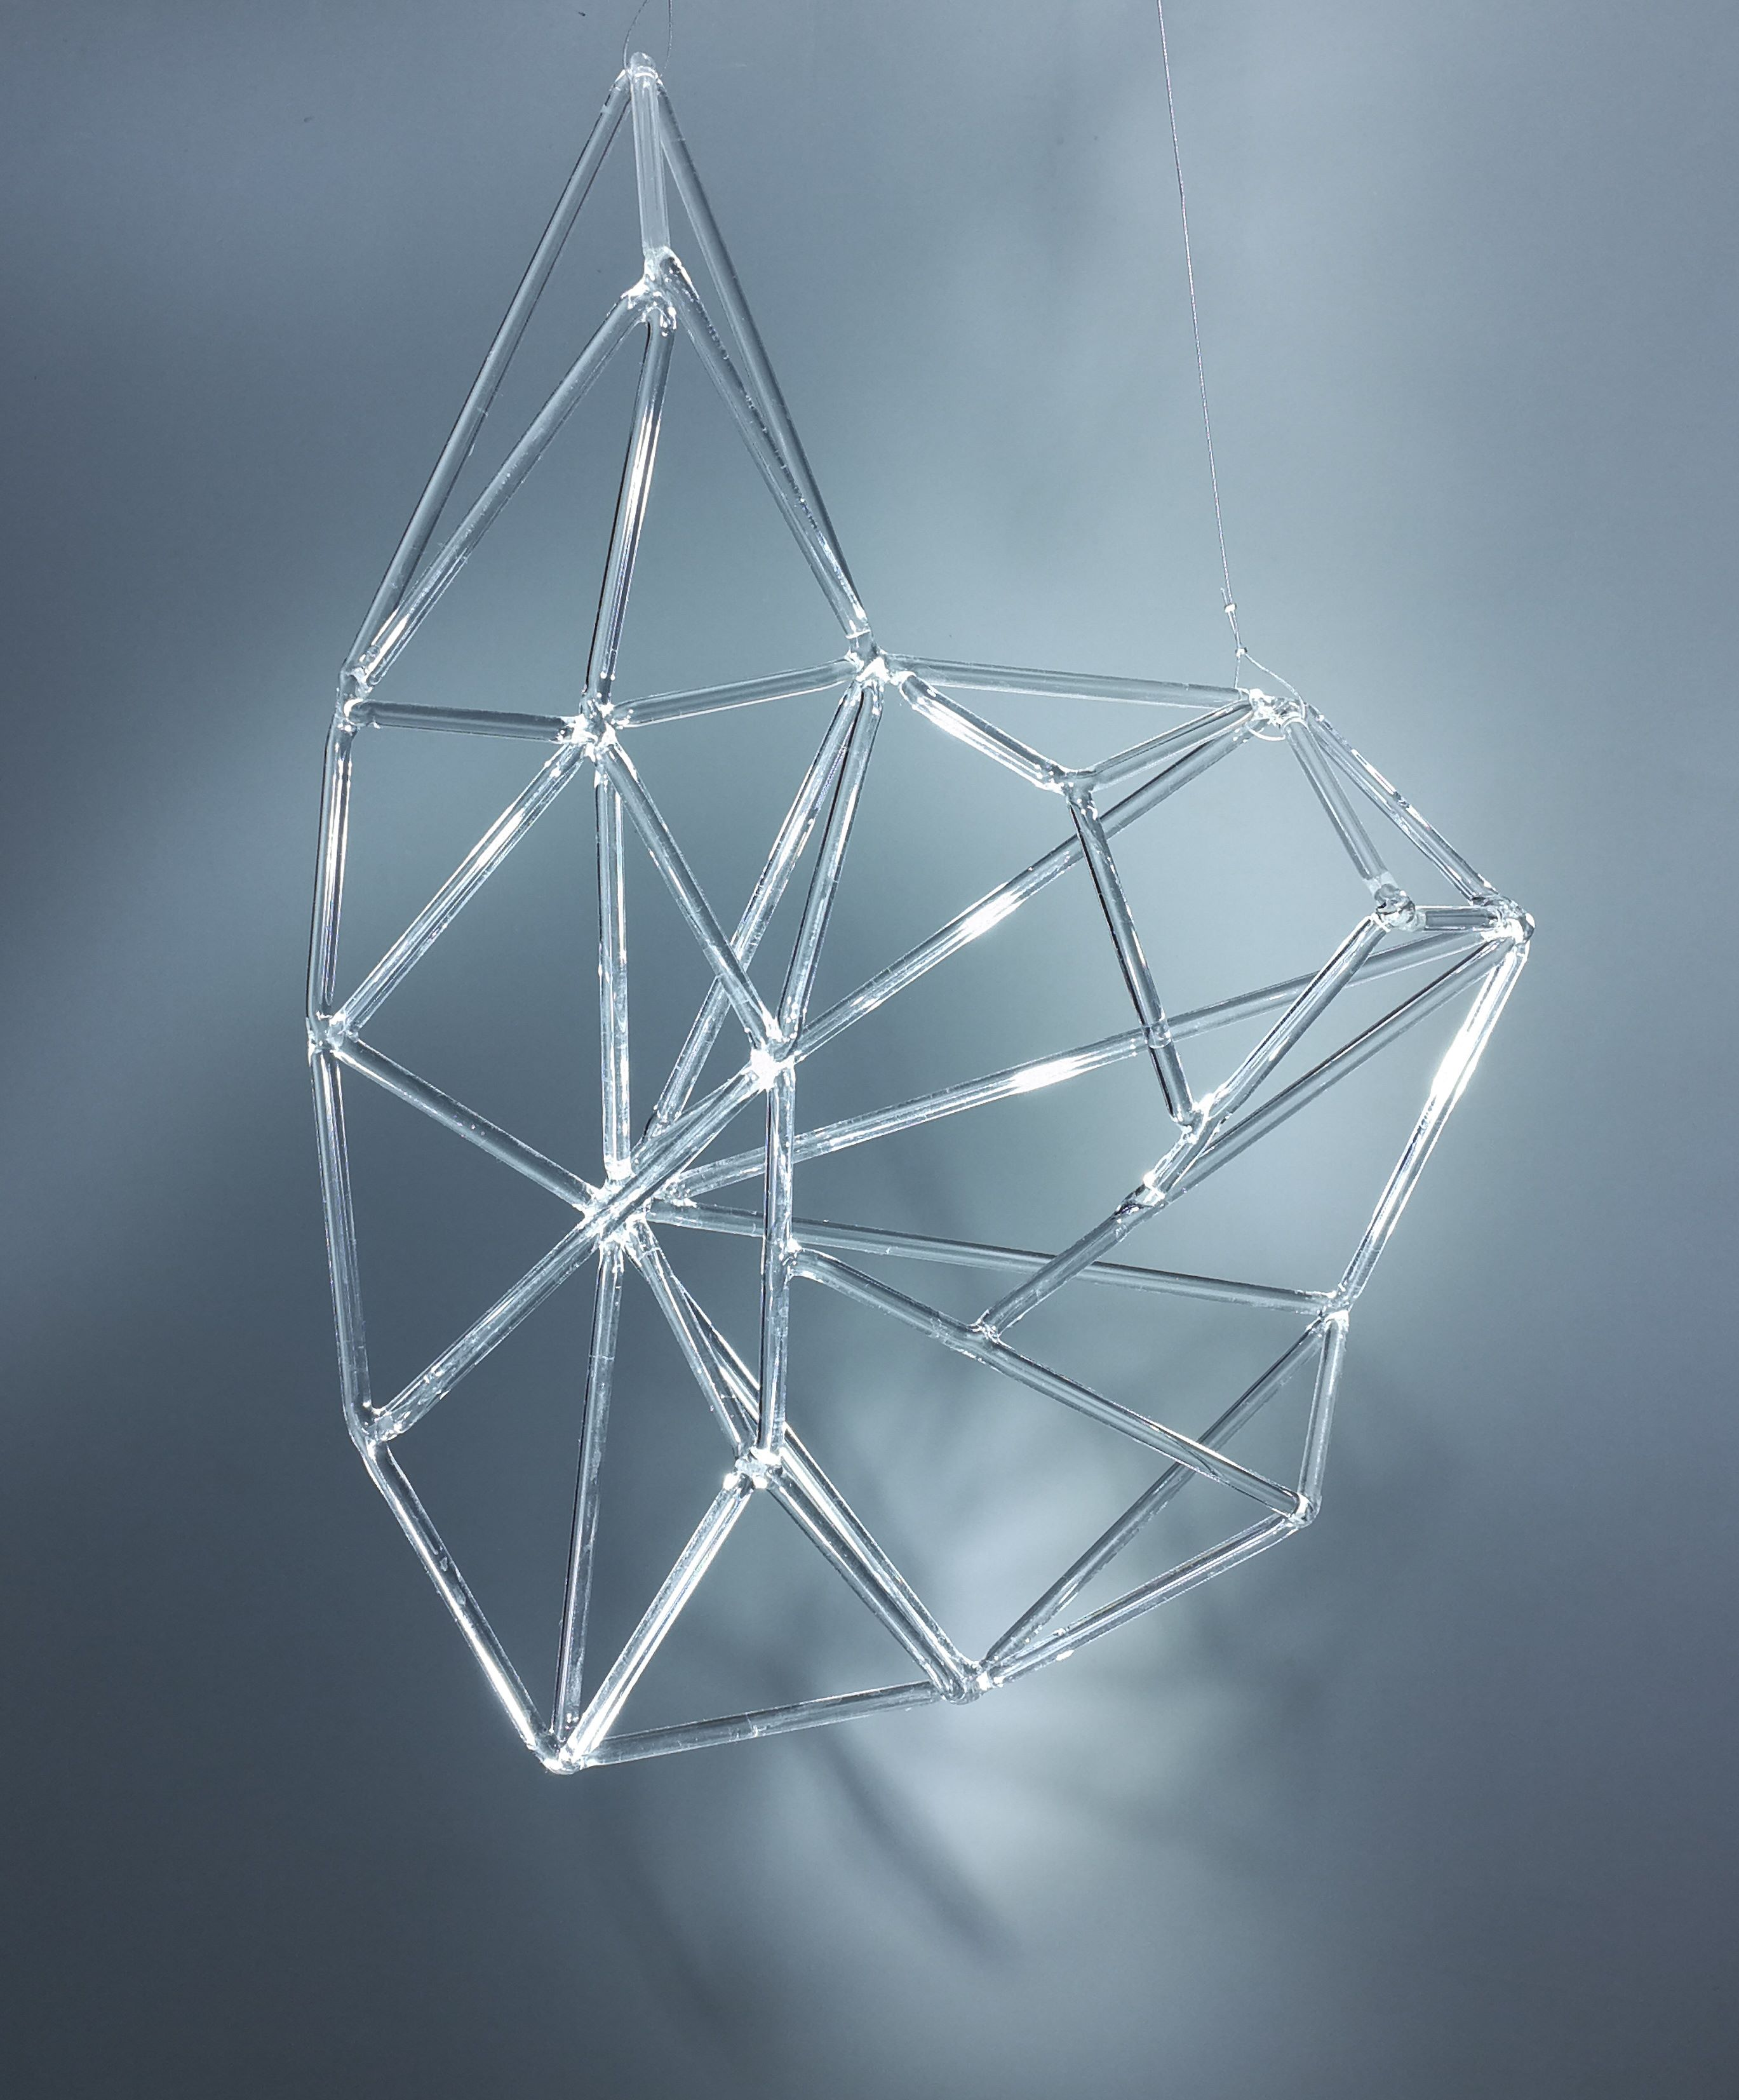 Rzeźba prętów szklanych na szaroniebieskim tle